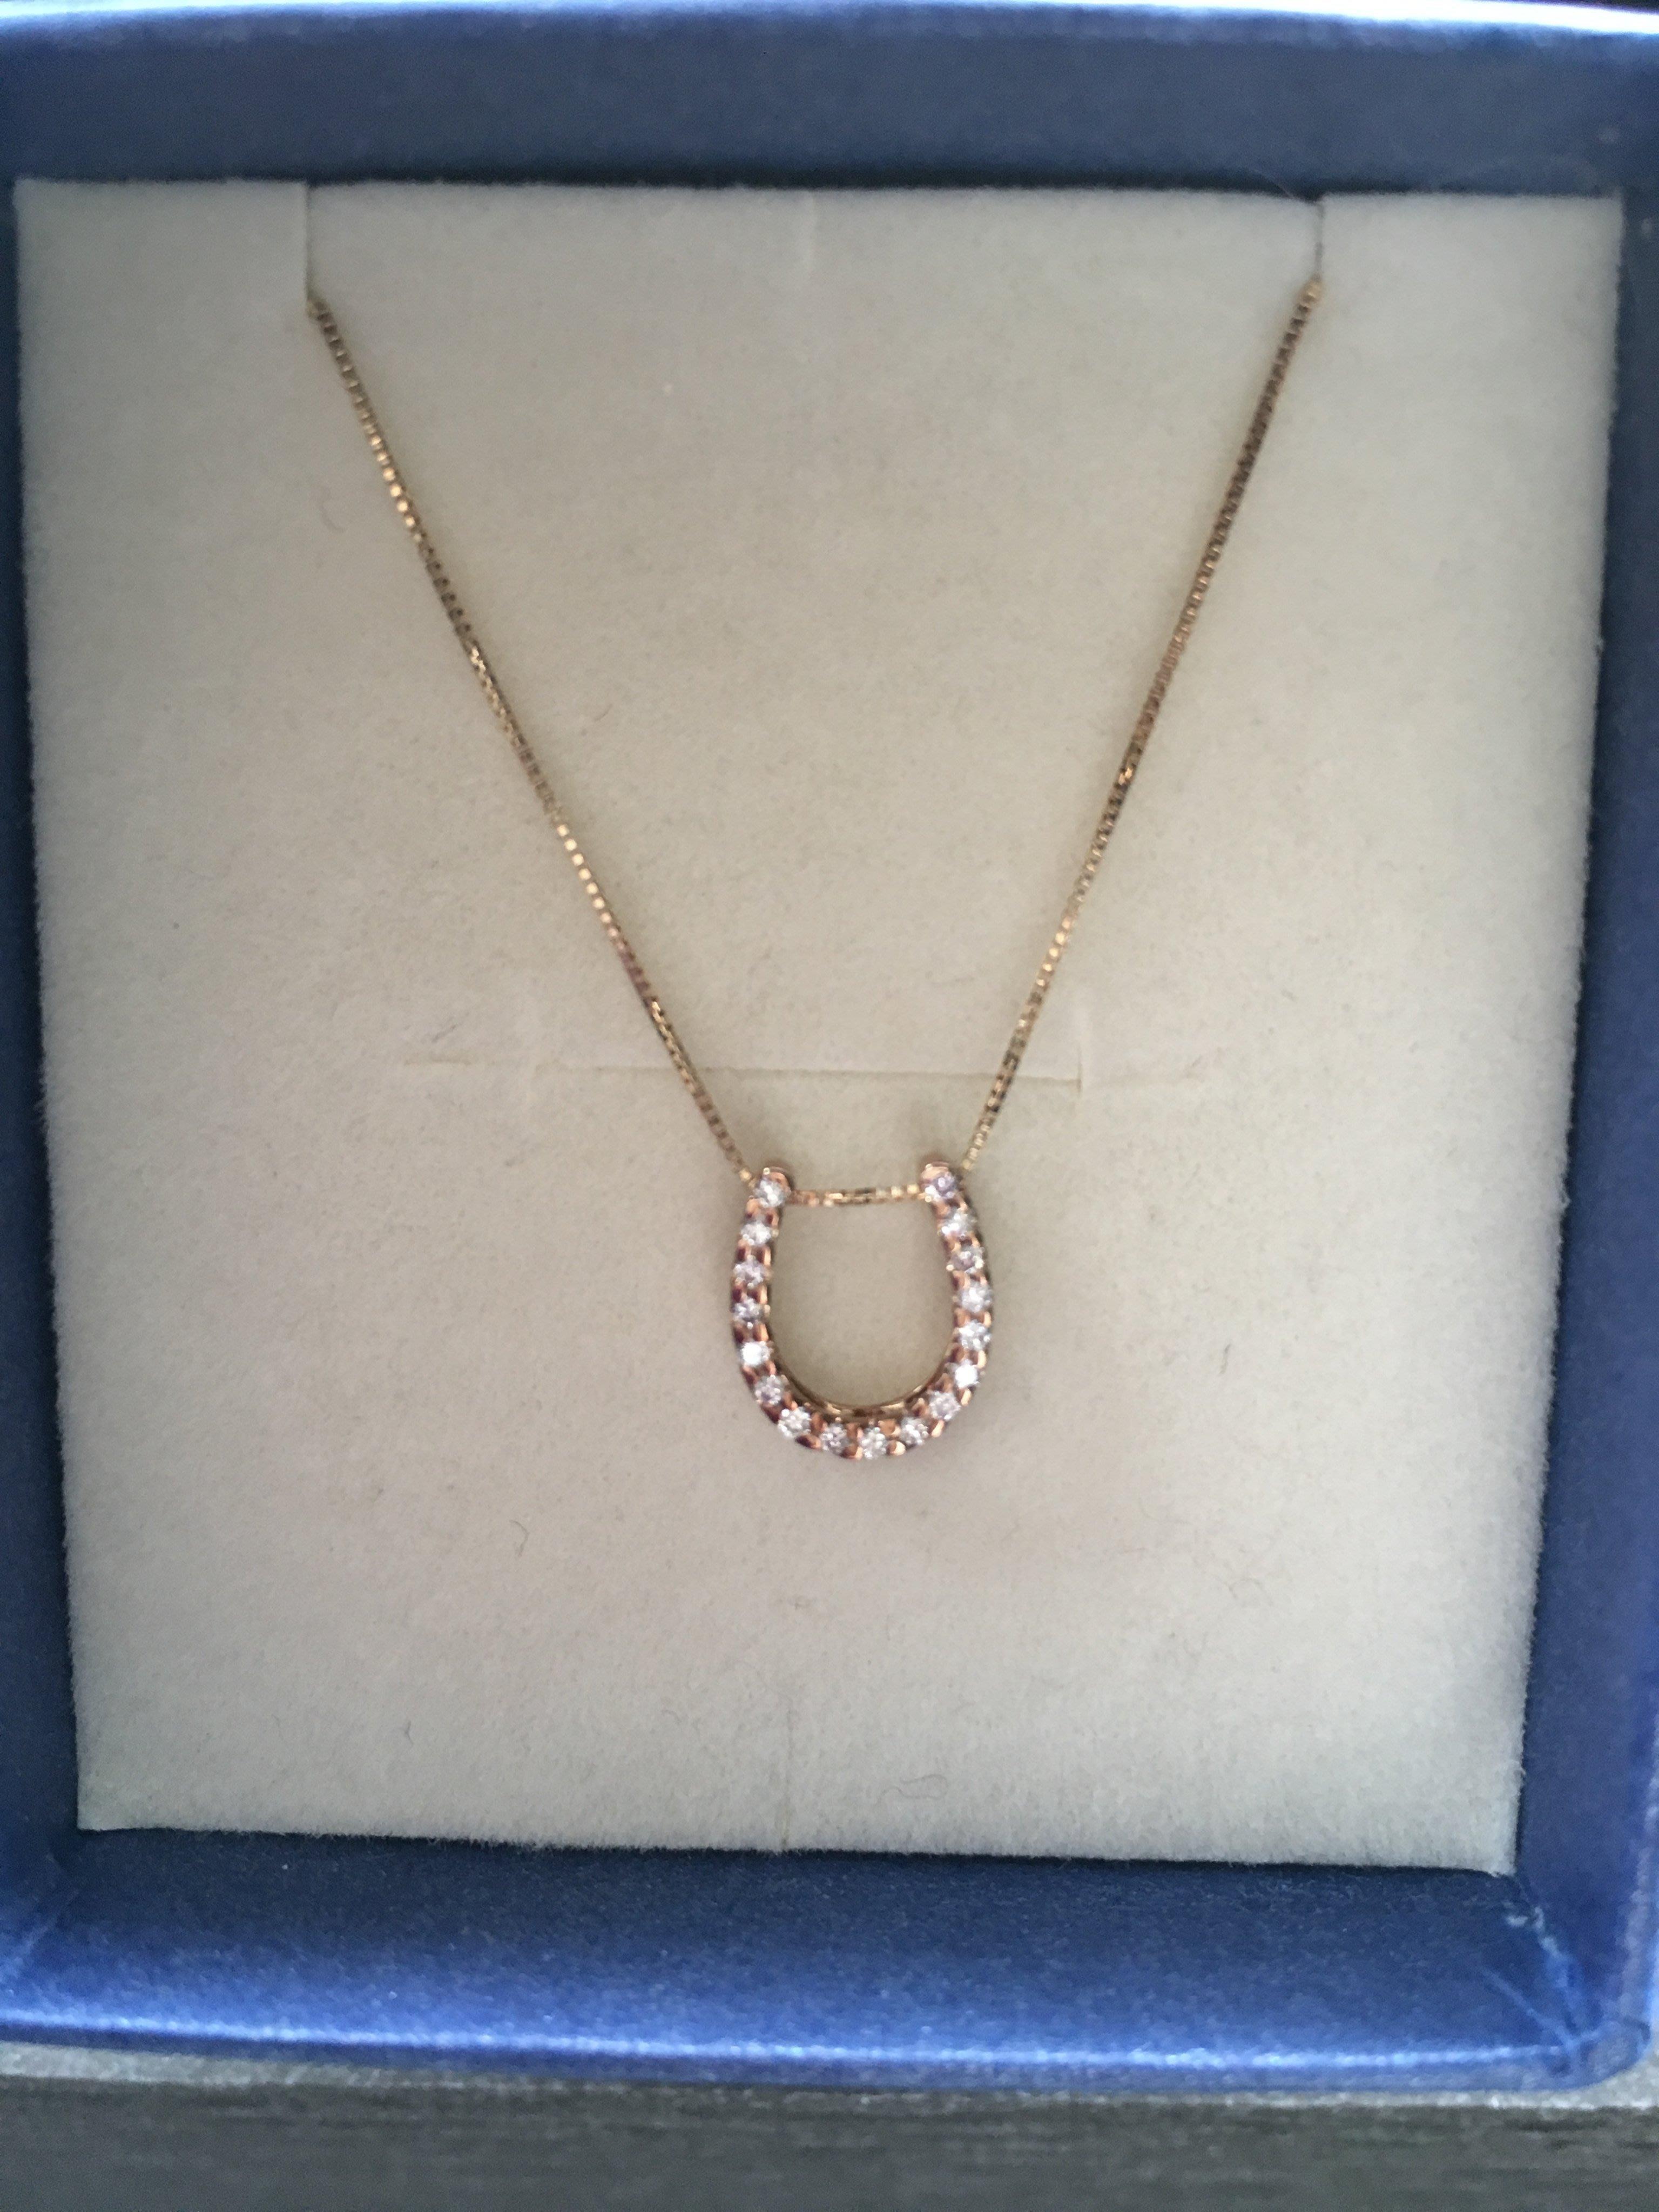 日本品牌 festaria 馬蹄鐵黃K鑽石項鍊K10